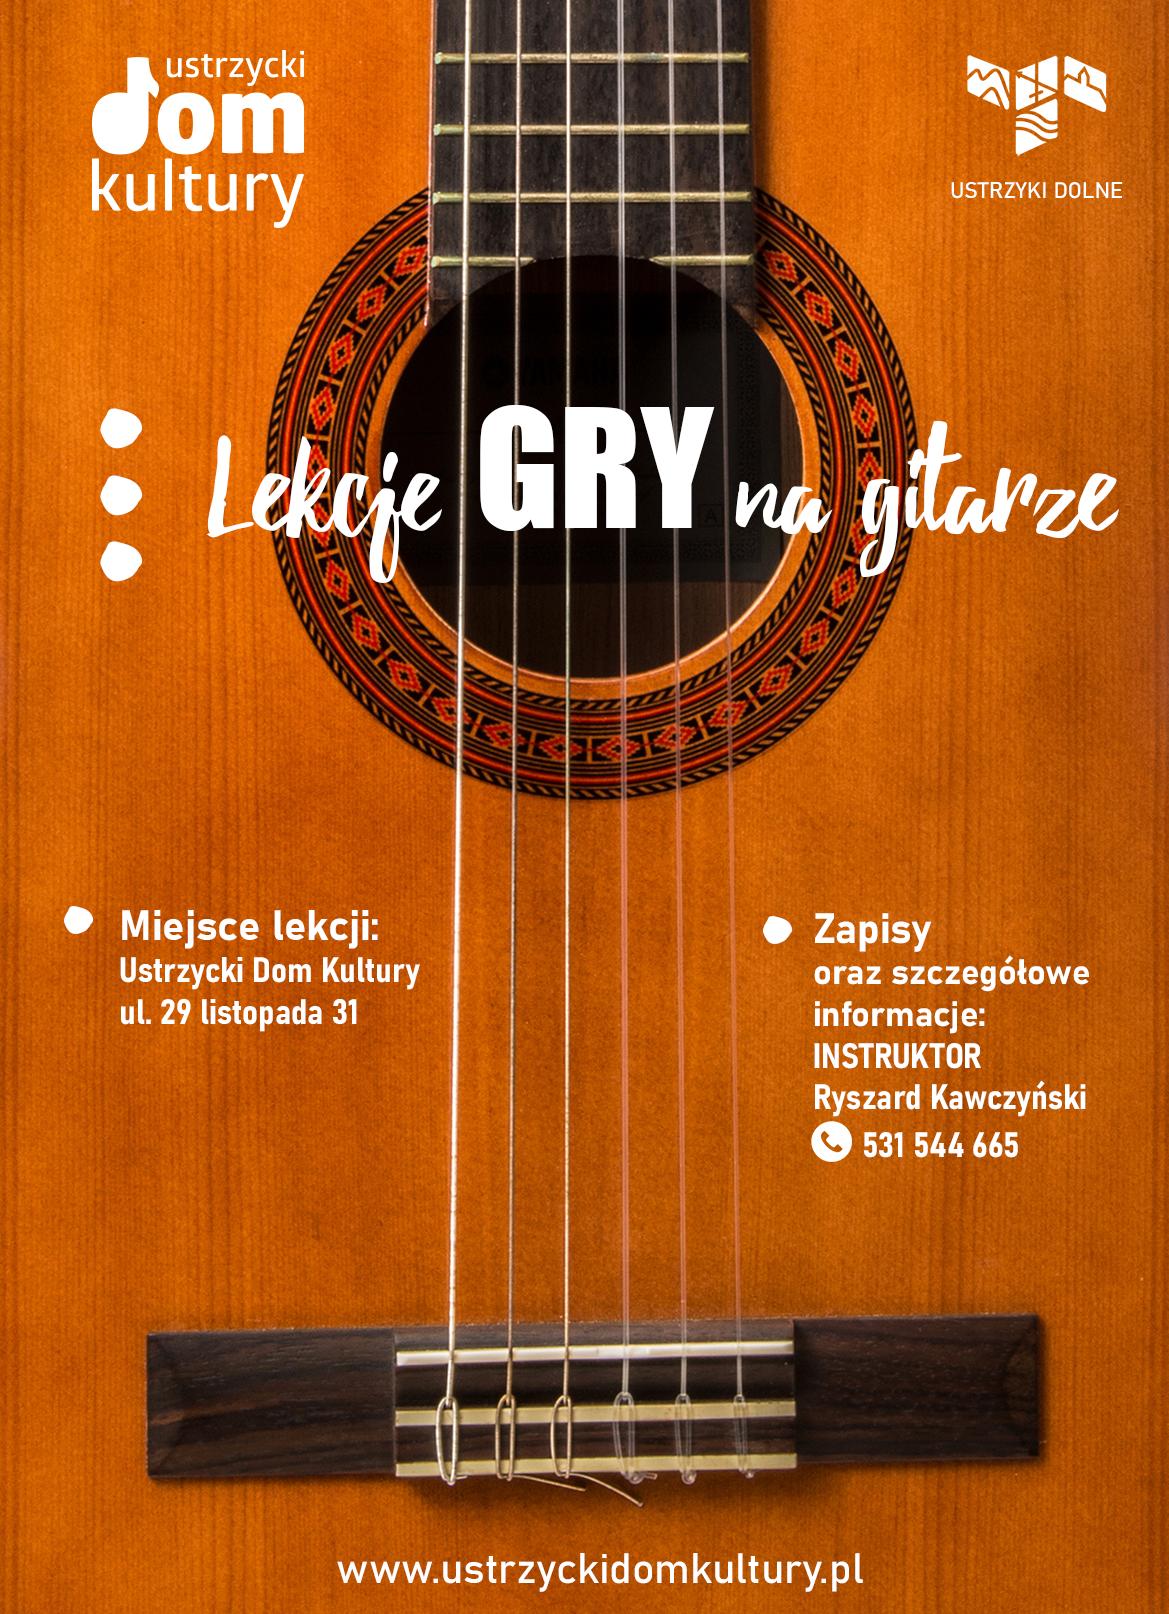 Lekcje gry na gitarze - grafika z informacjami do kontaktu